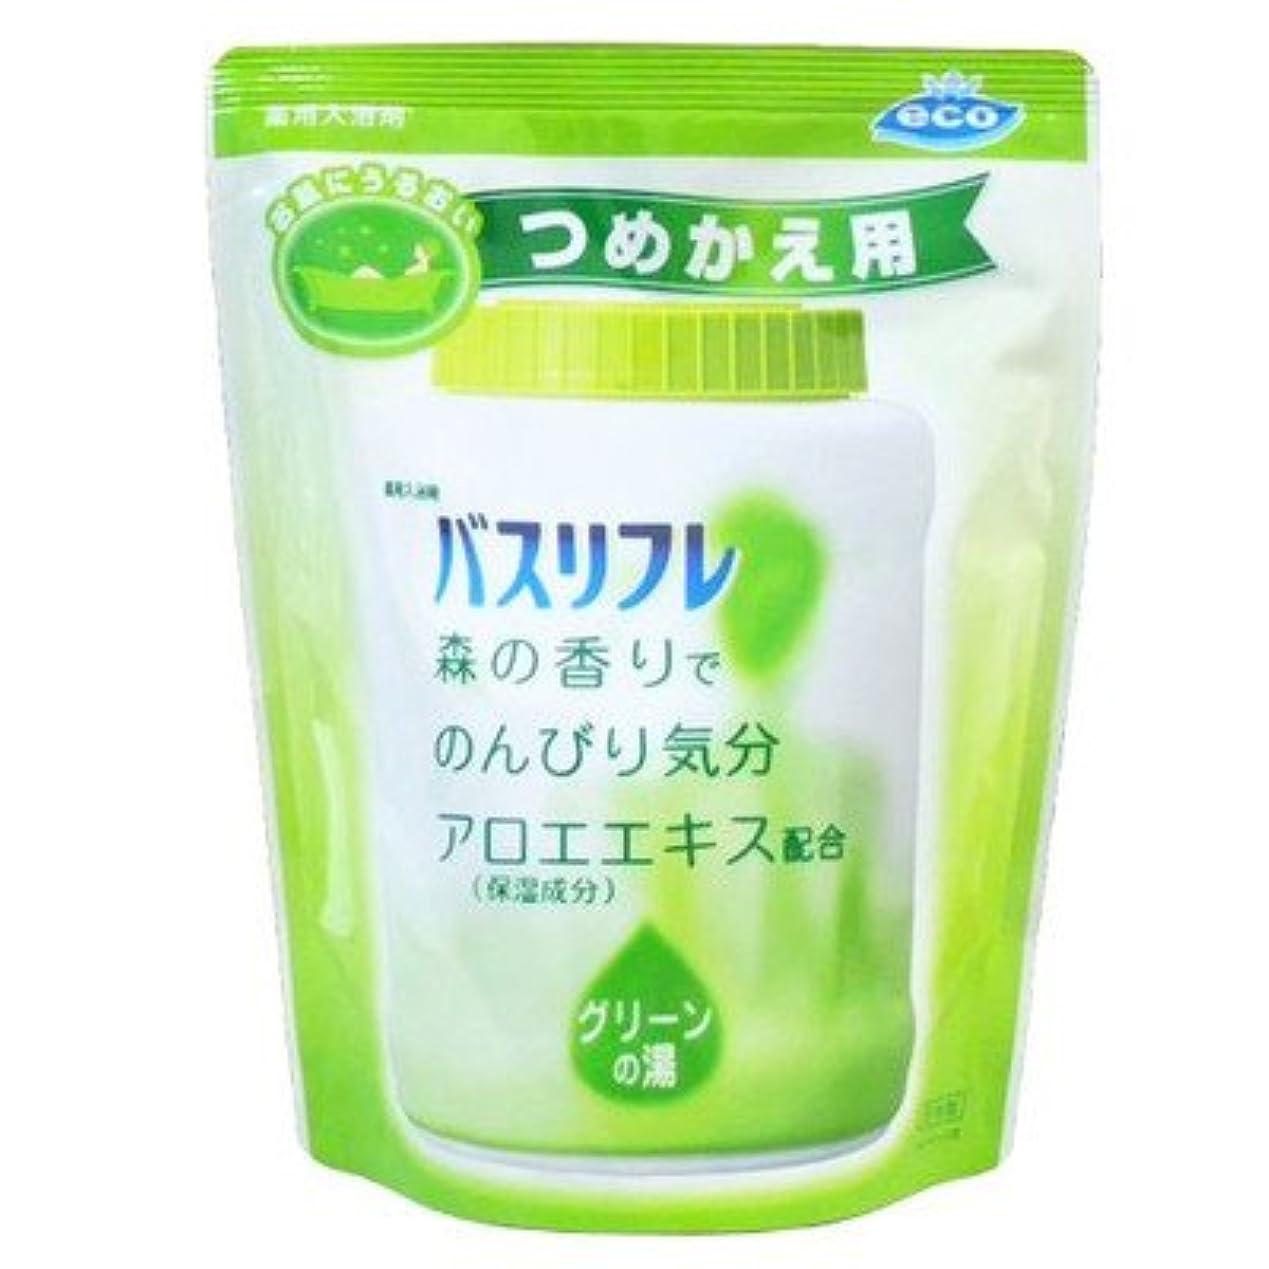 合計イノセンスイブ薬用入浴剤 バスリフレ グリーンの湯 つめかえ用 540g 森の香り (ライオンケミカル)